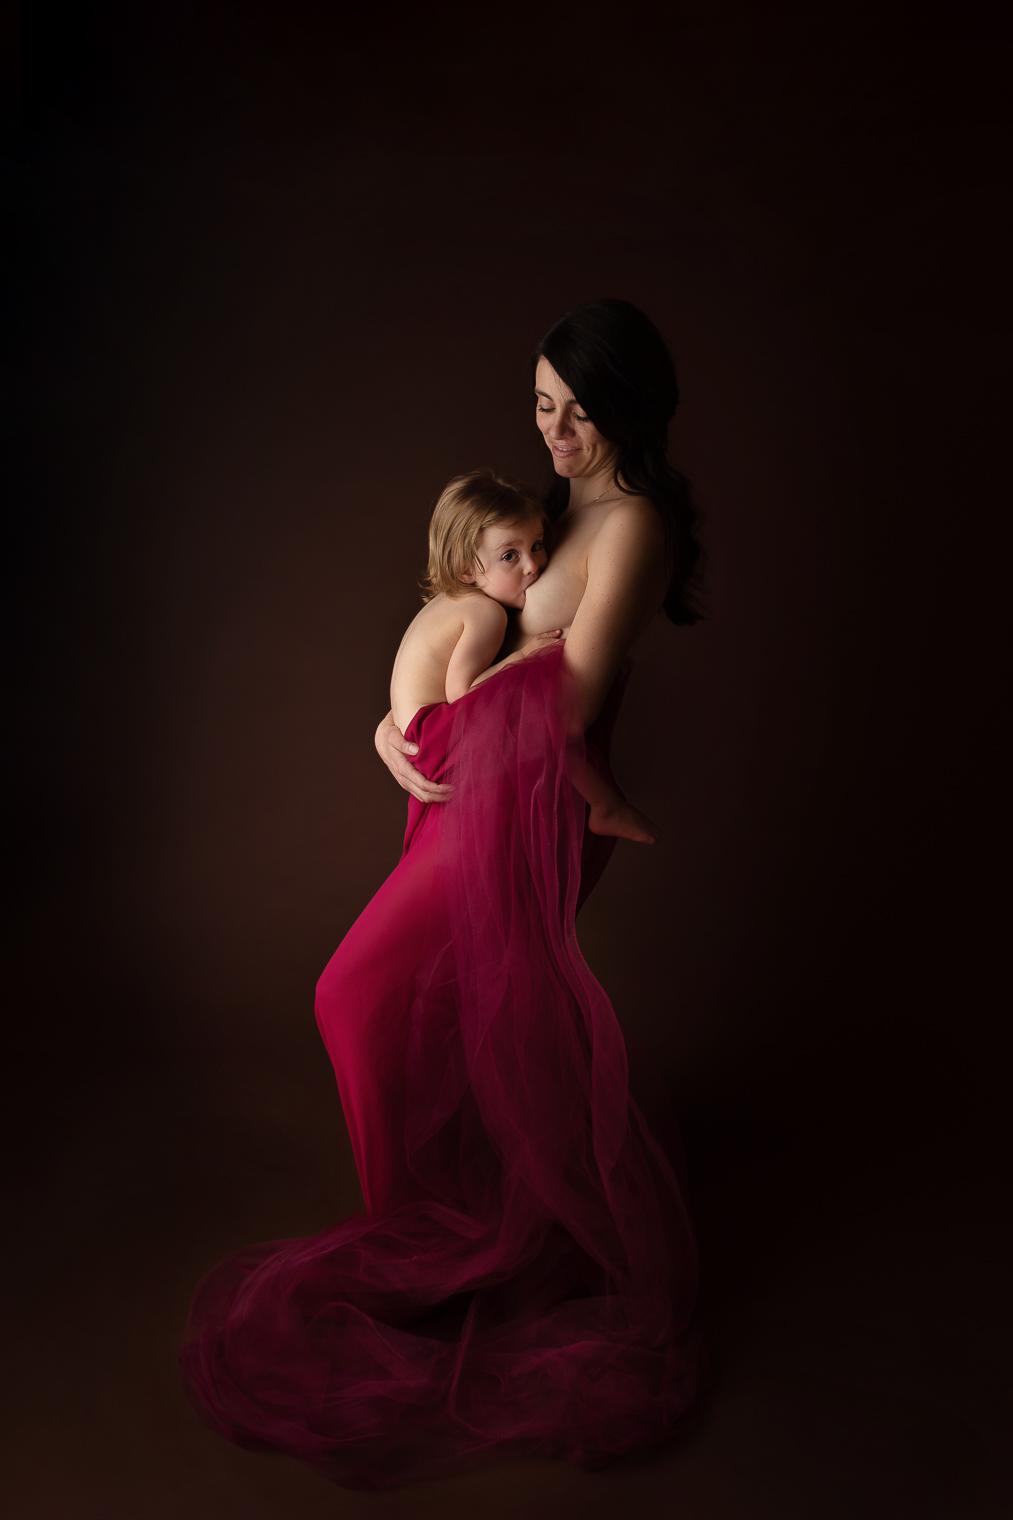 belinda lopez photo bebe enfant allaitement instant lacte maman et moi photographie famille grossesse nouveau-ne maternite photographe bourg-saint-maurice savoie belindalopez.fr-3